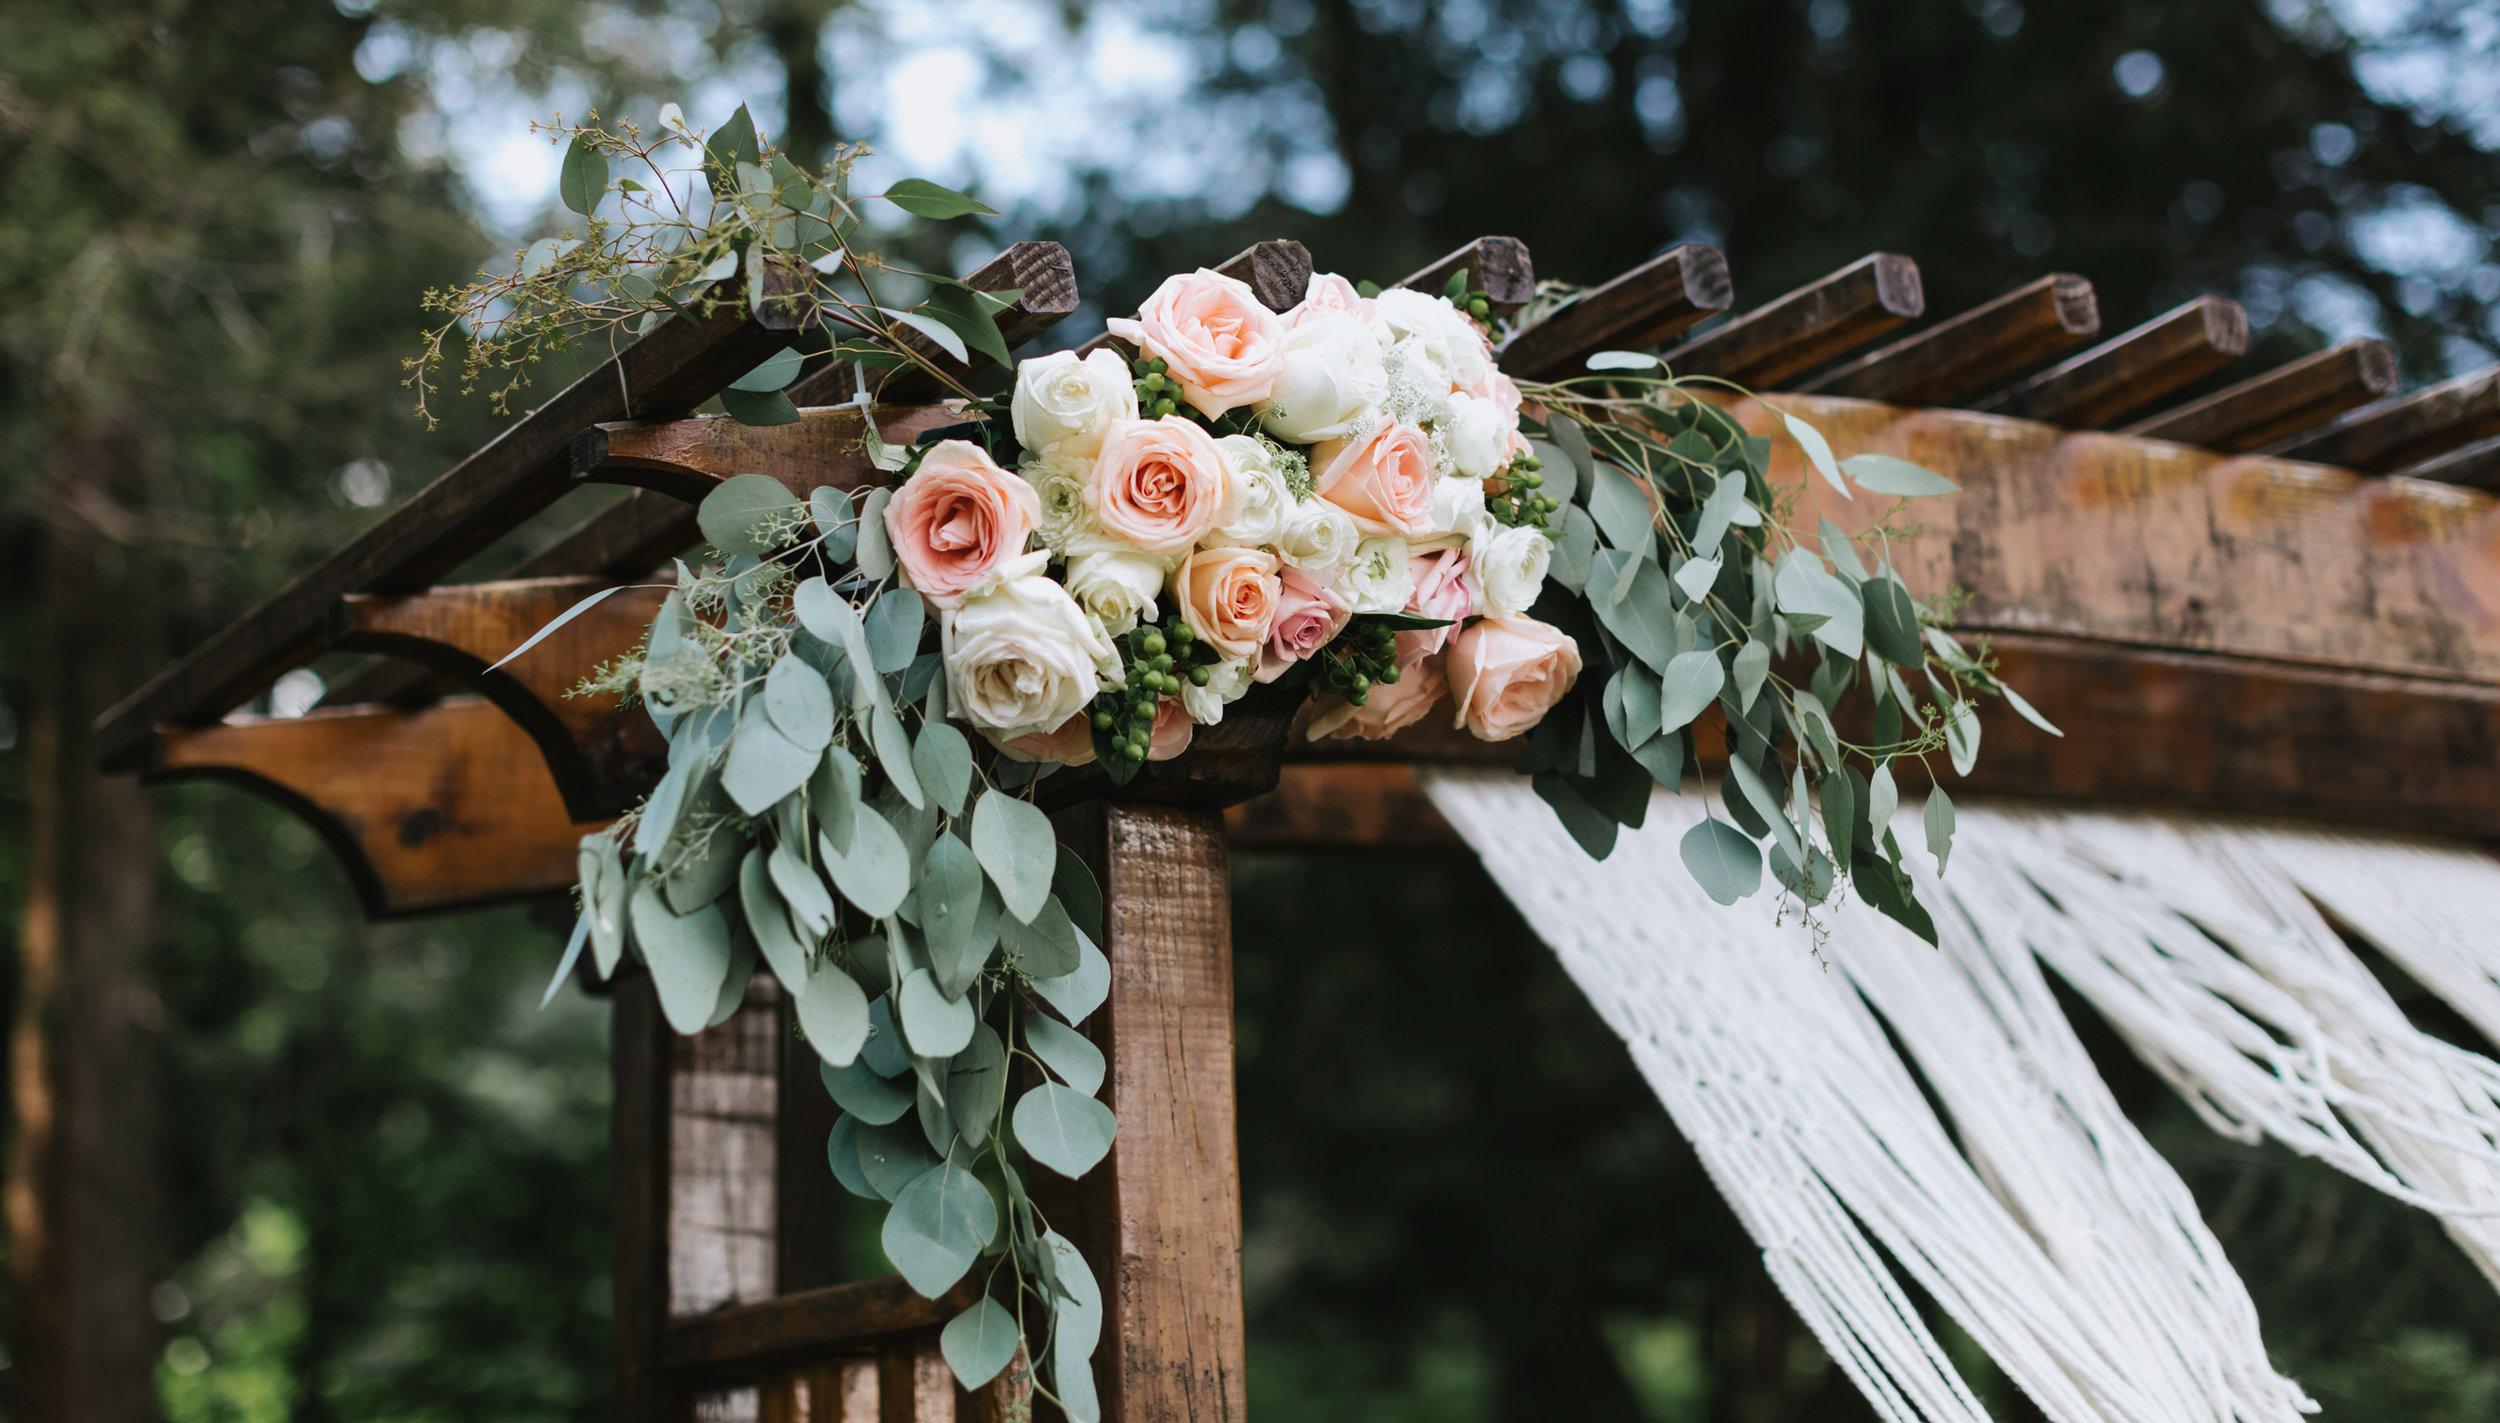 Stevens__Estate_Cambodian_Wedding_Photographer-32.jpg